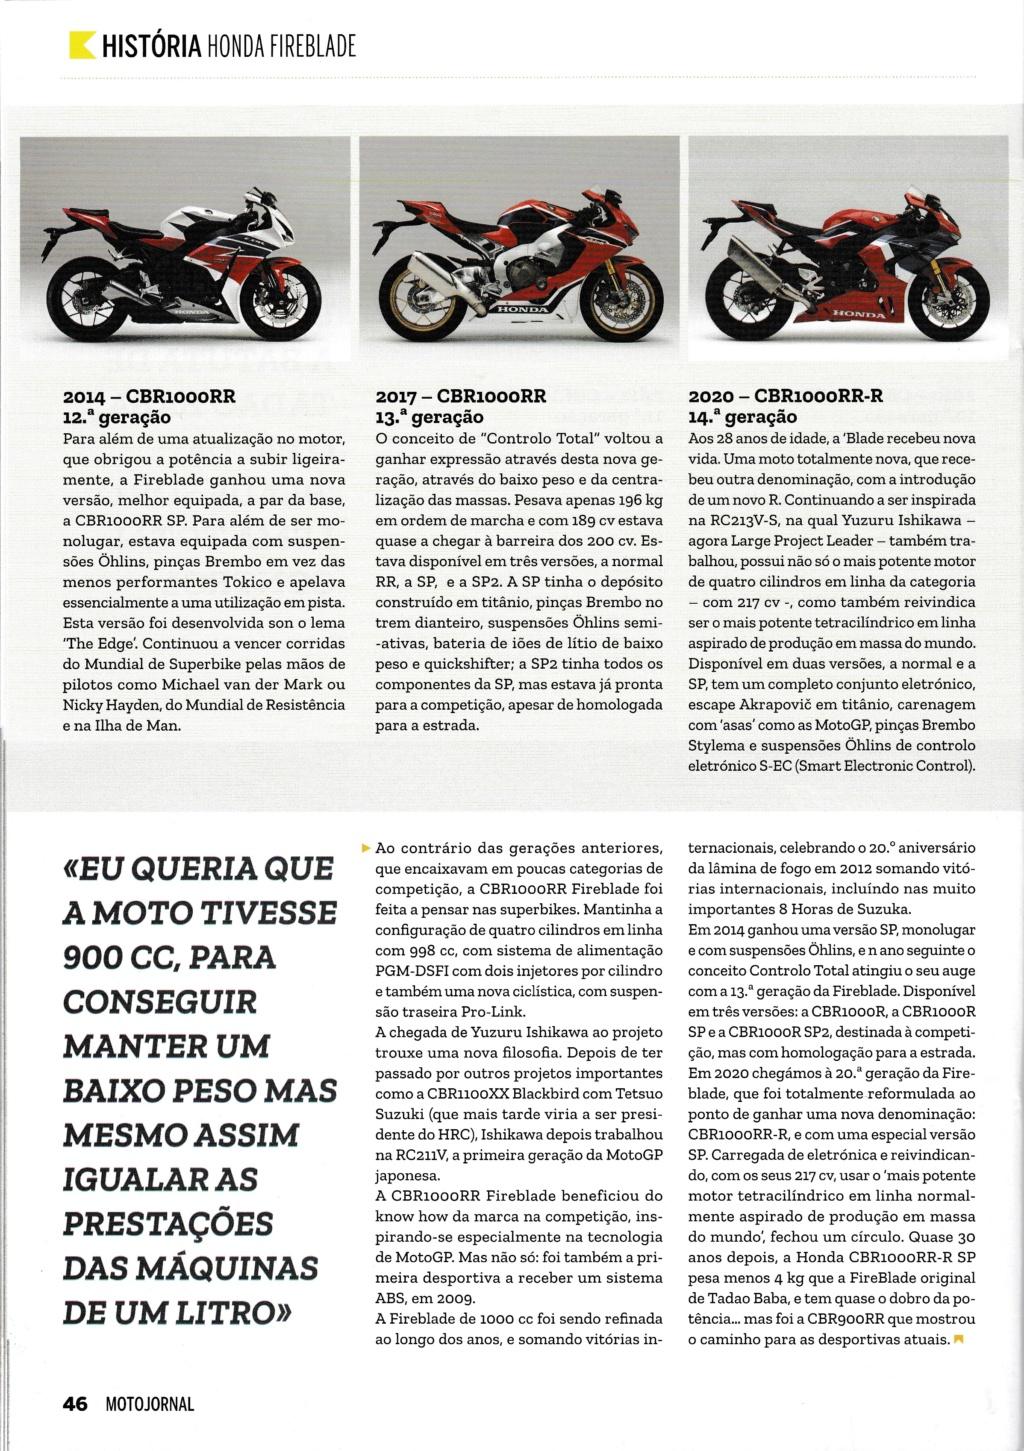 História da Honda Fireblade até à data Mj_fir13